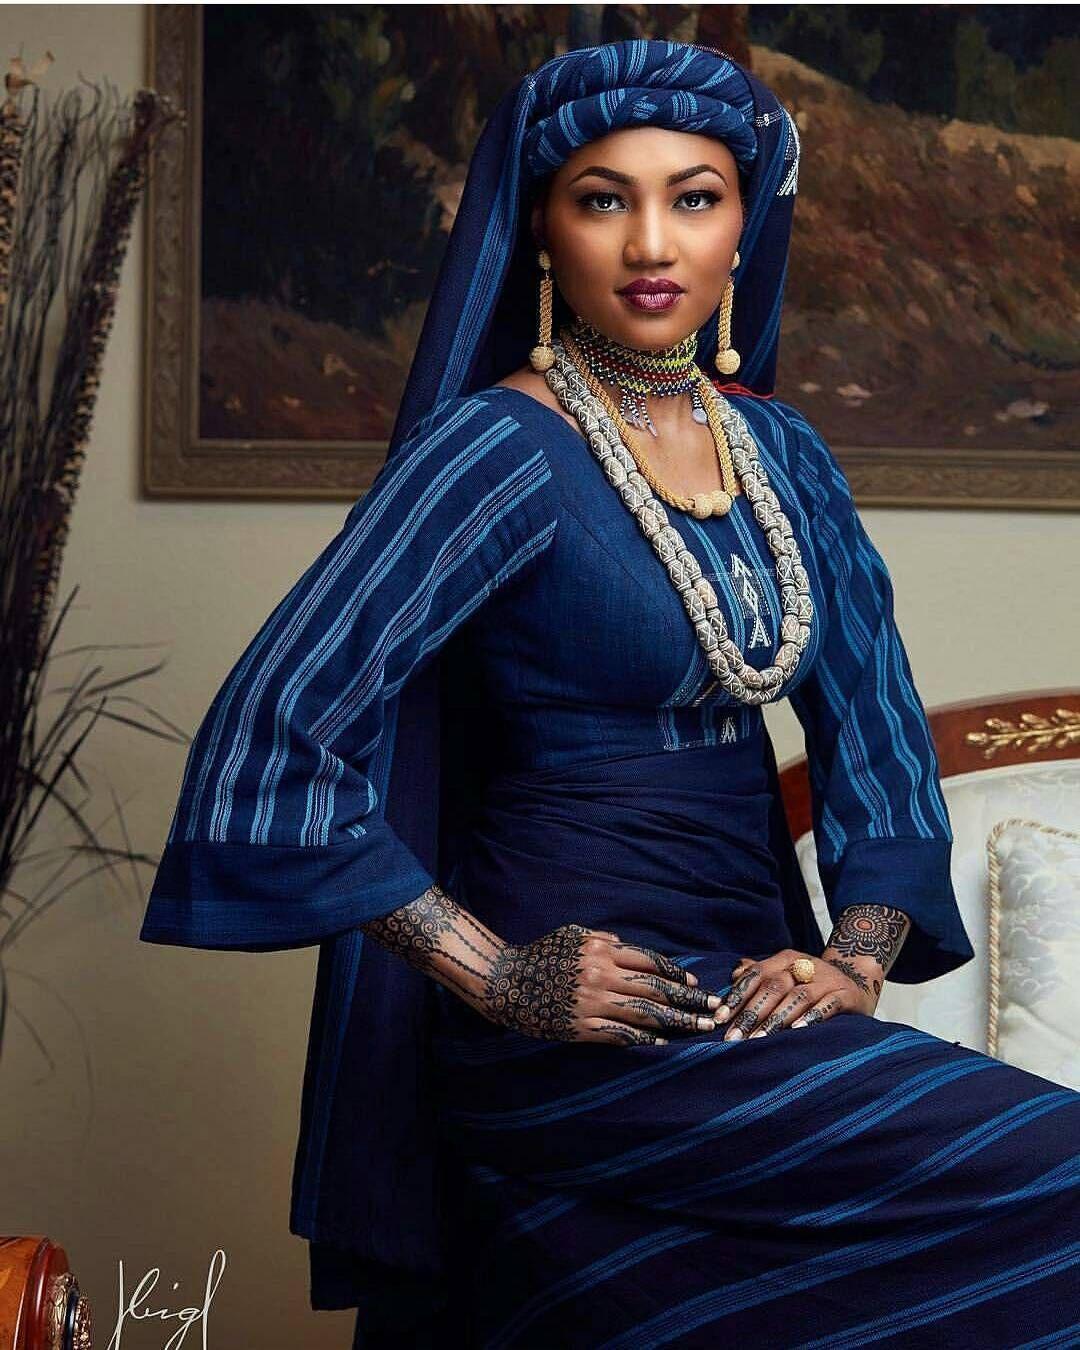 Celebrating African Fashion & Beauty! Iwearafrican@Gmail